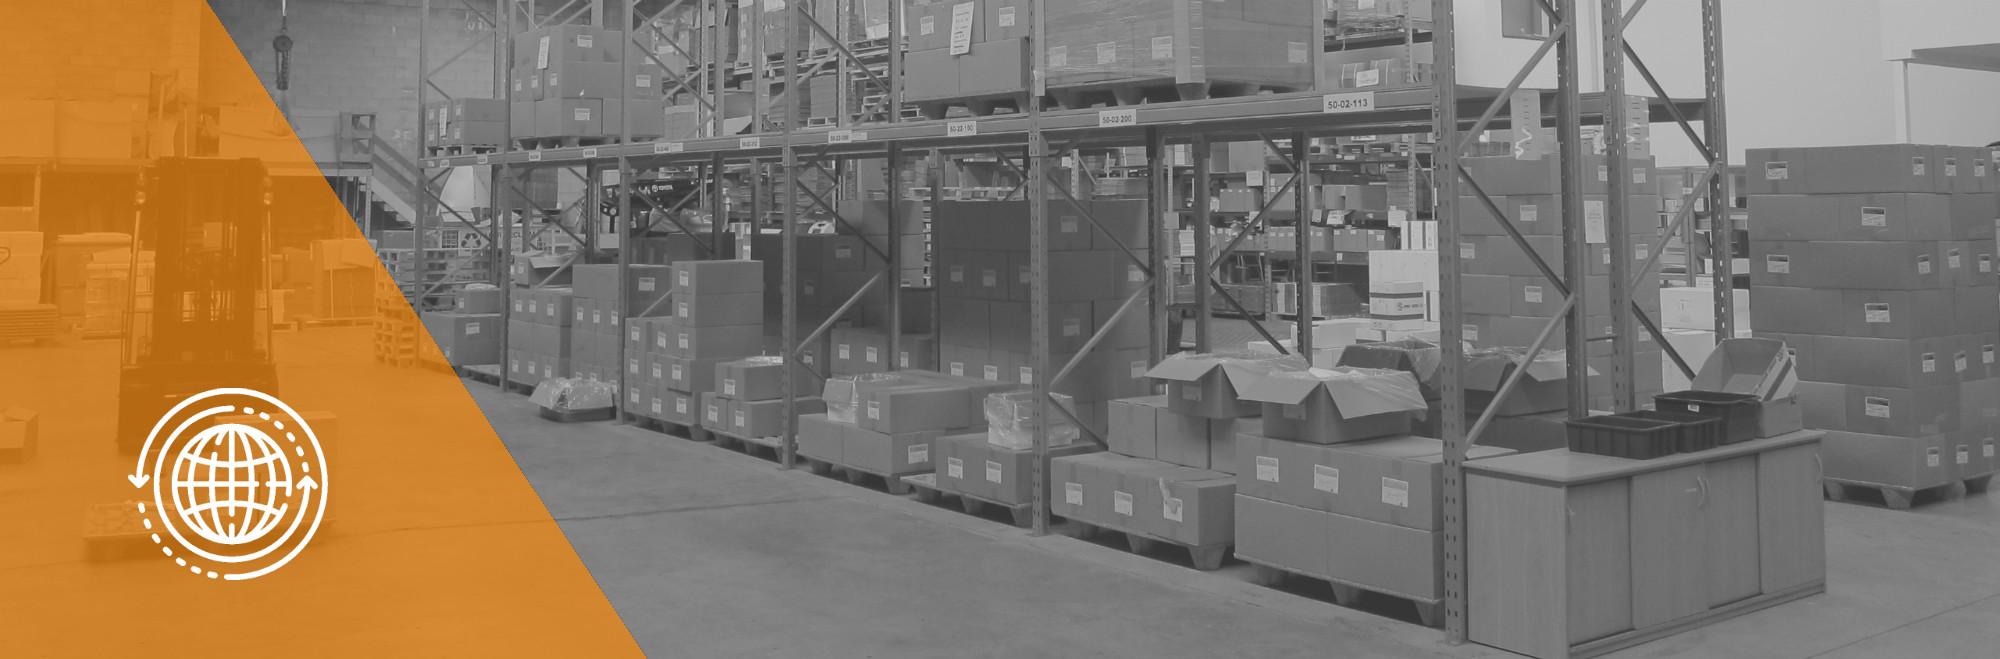 Why Wholesale Distributors Love ENAVATE